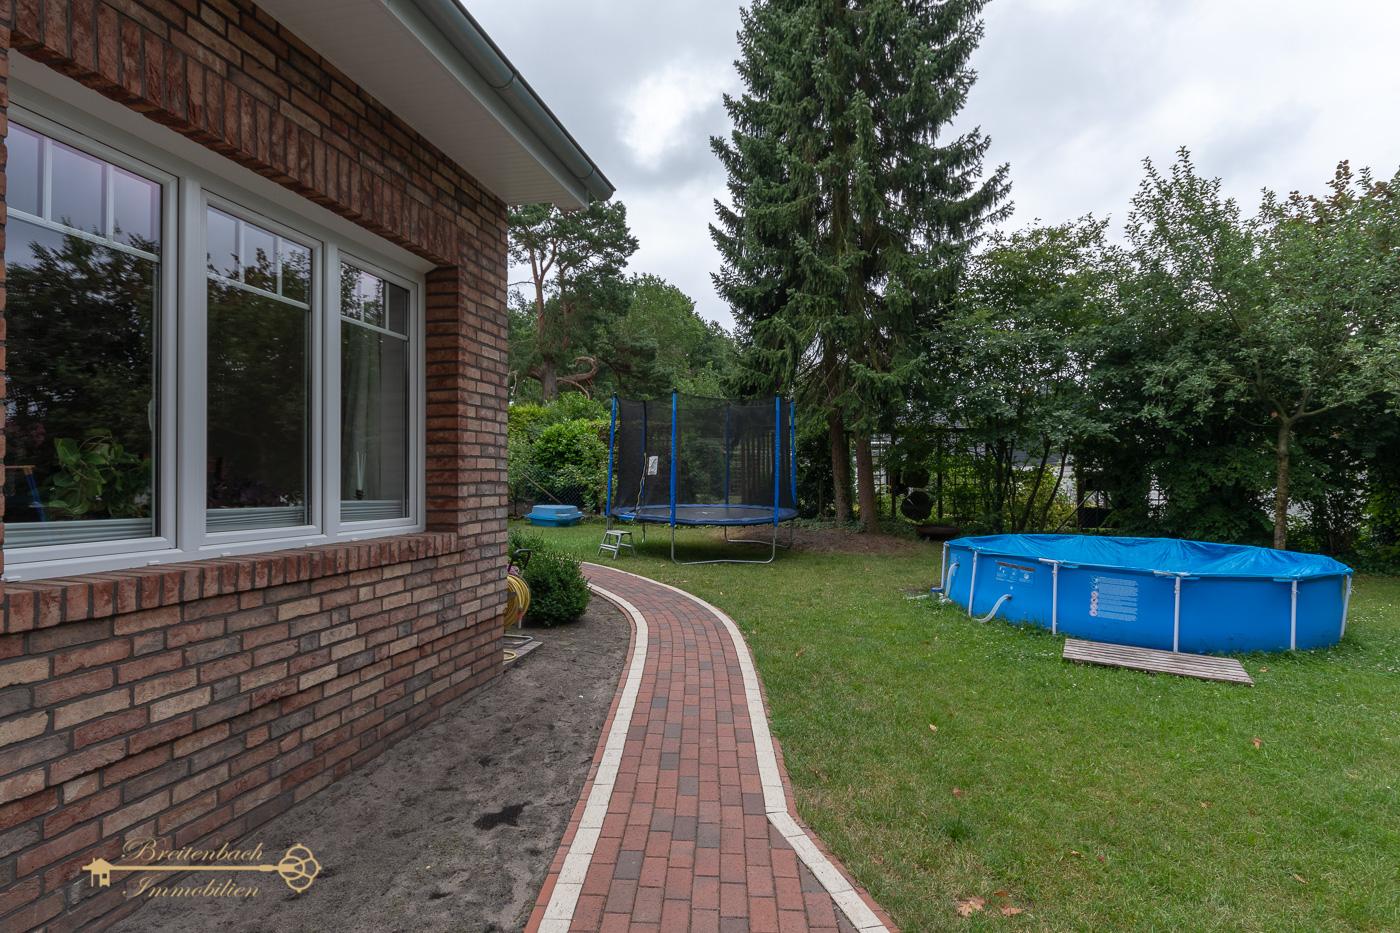 2019-07-14-Breitenbach-Immobilien-Archiv-17